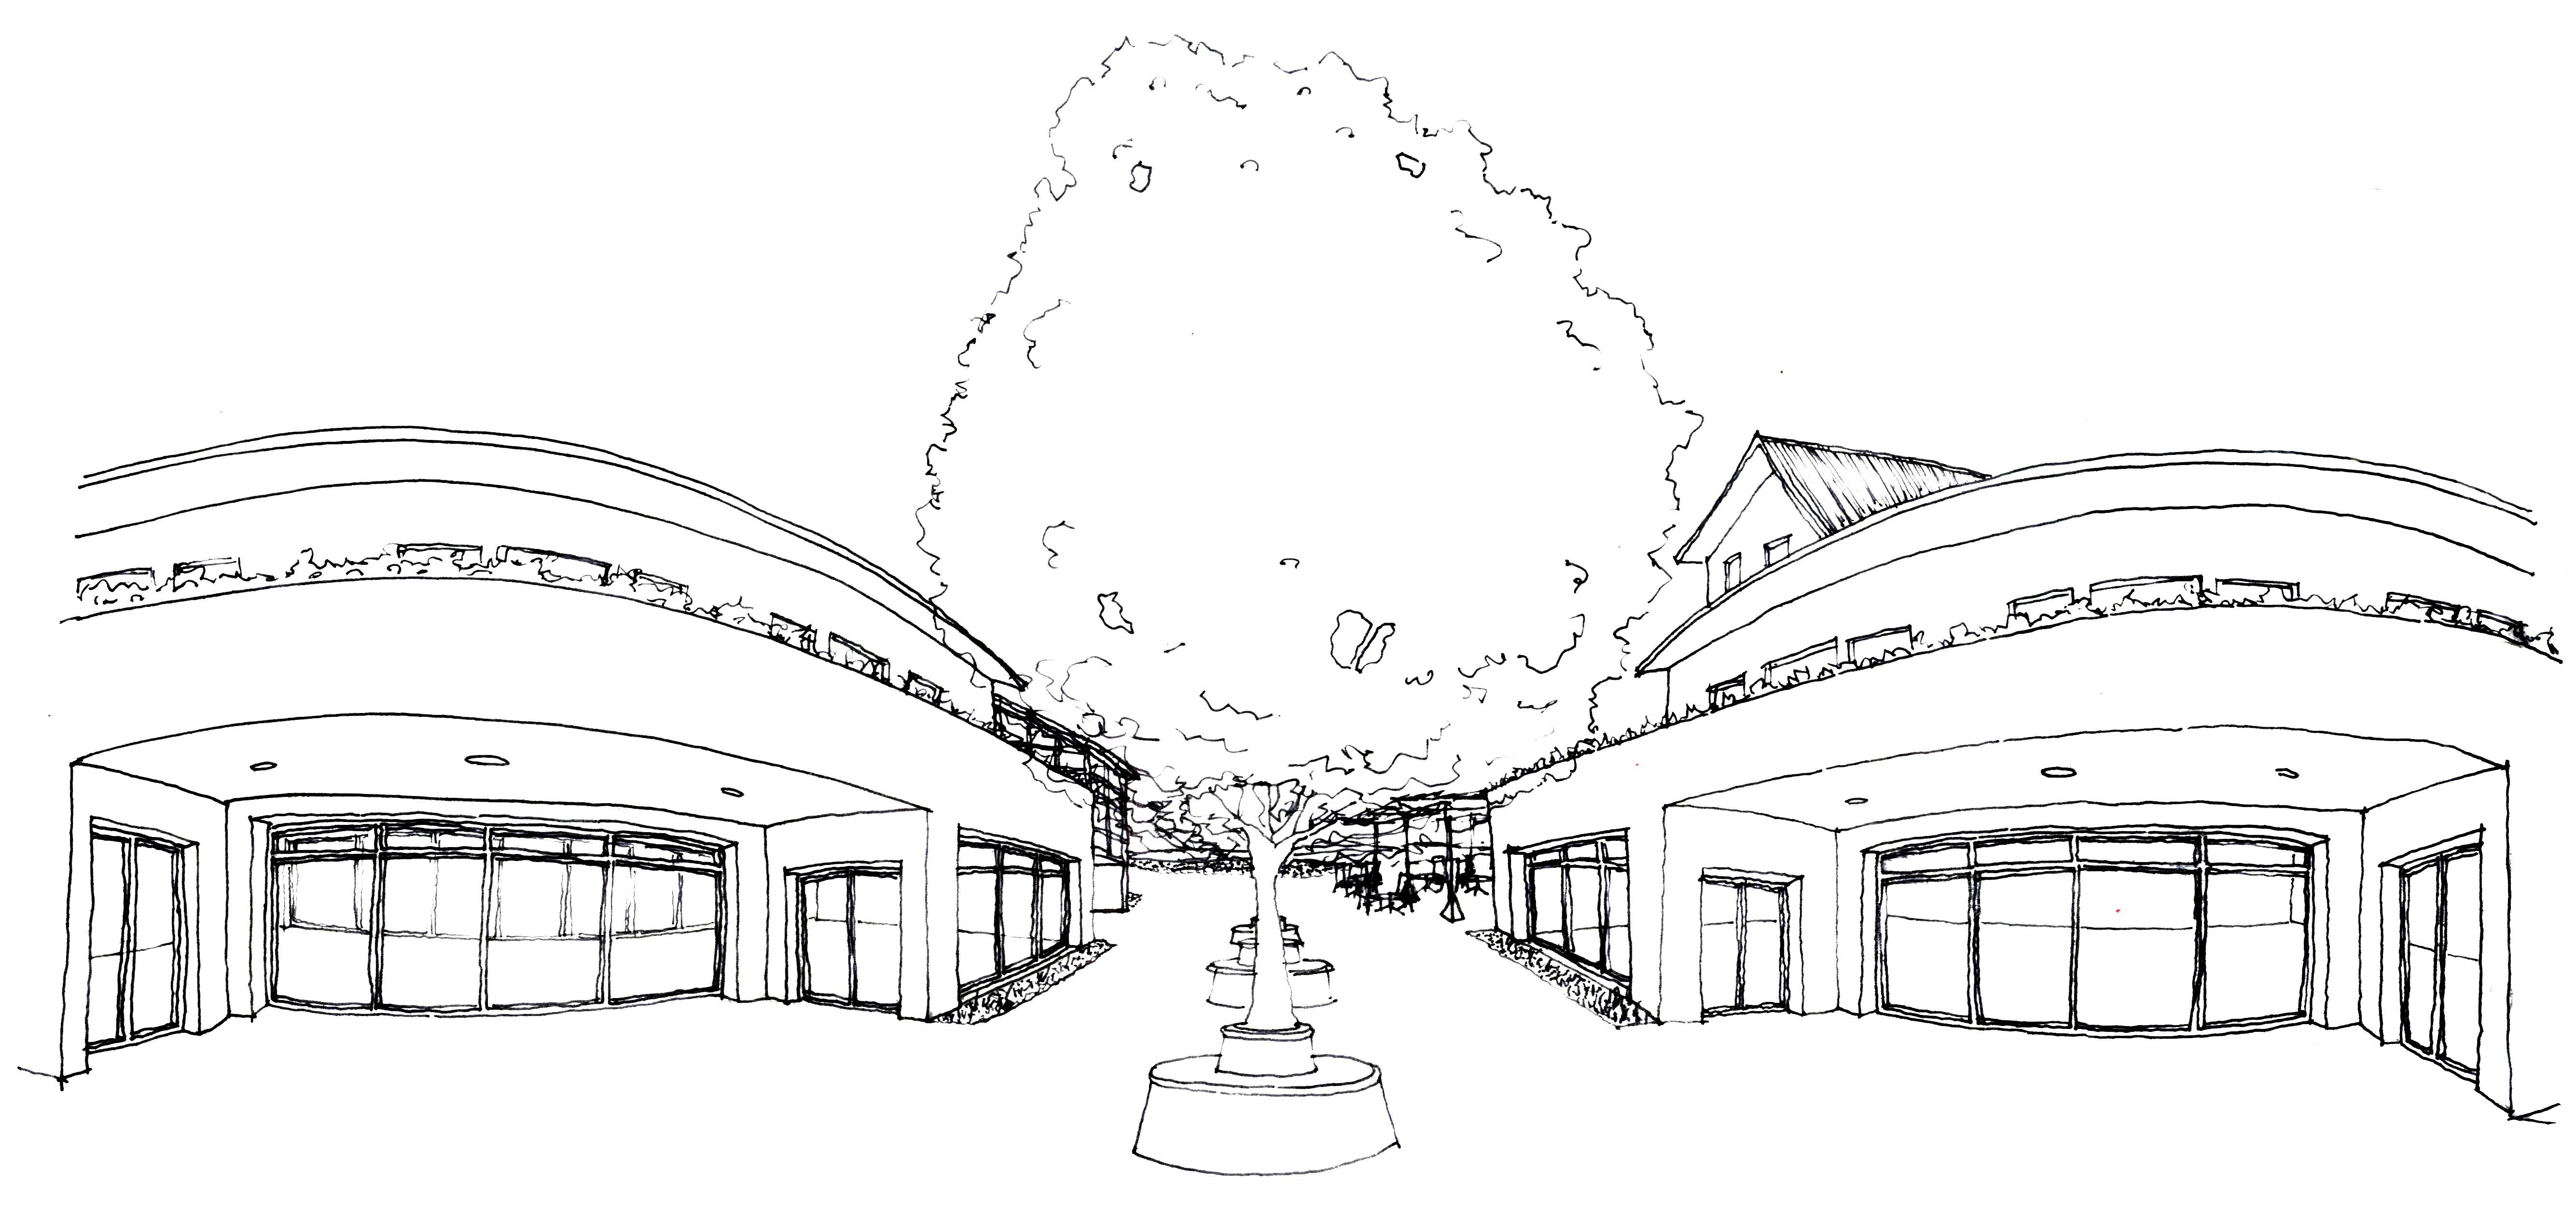 Process: Market Panorama